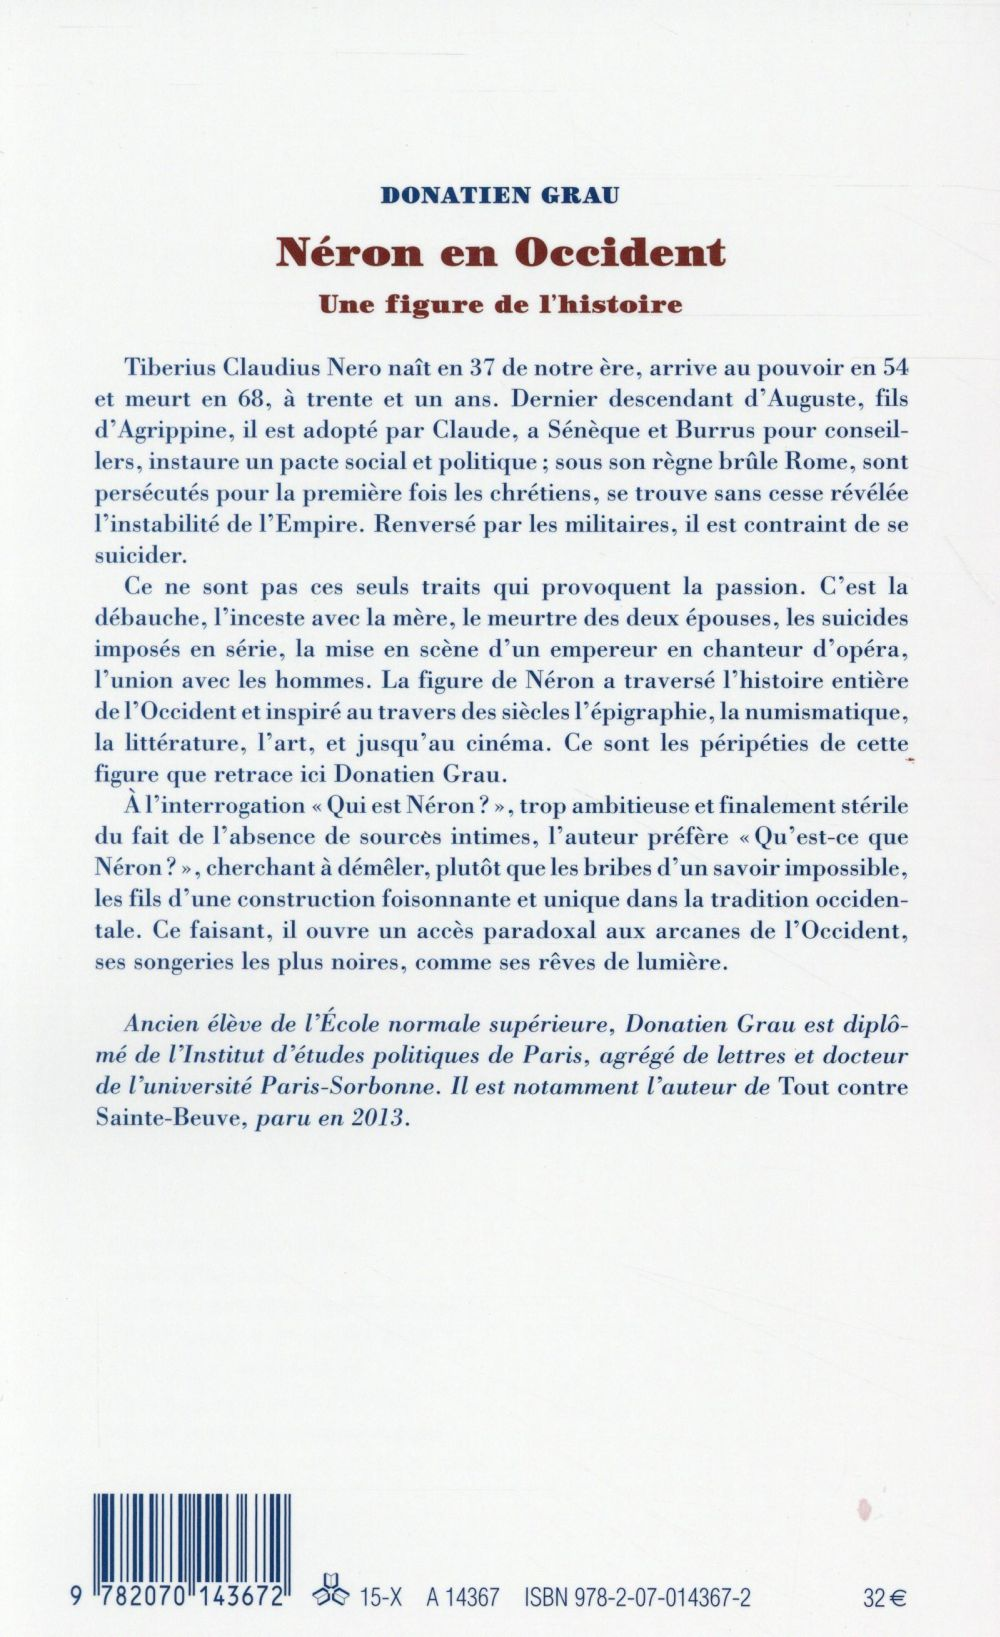 Néron en Occident, une figure de l'histoire